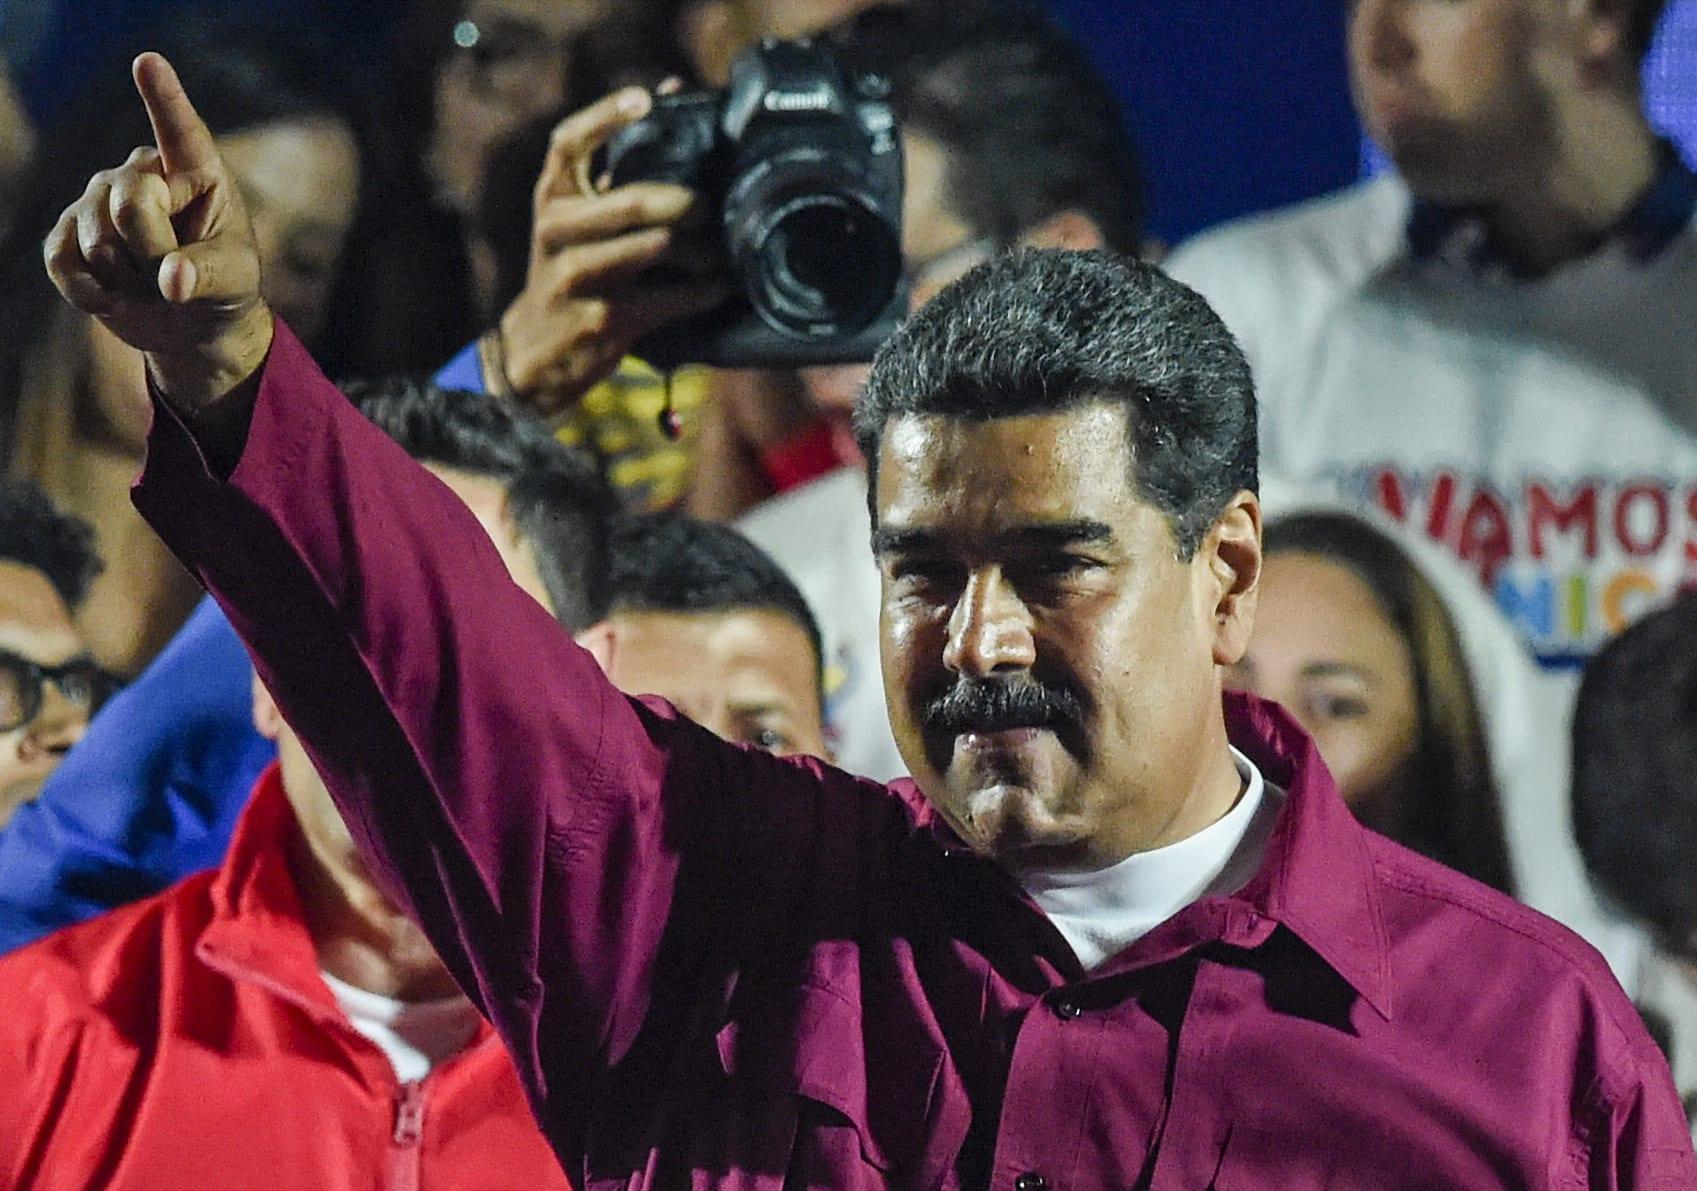 فنزويلا: مادورو يفوز بفترة ثانية وسط انتقادات حادة